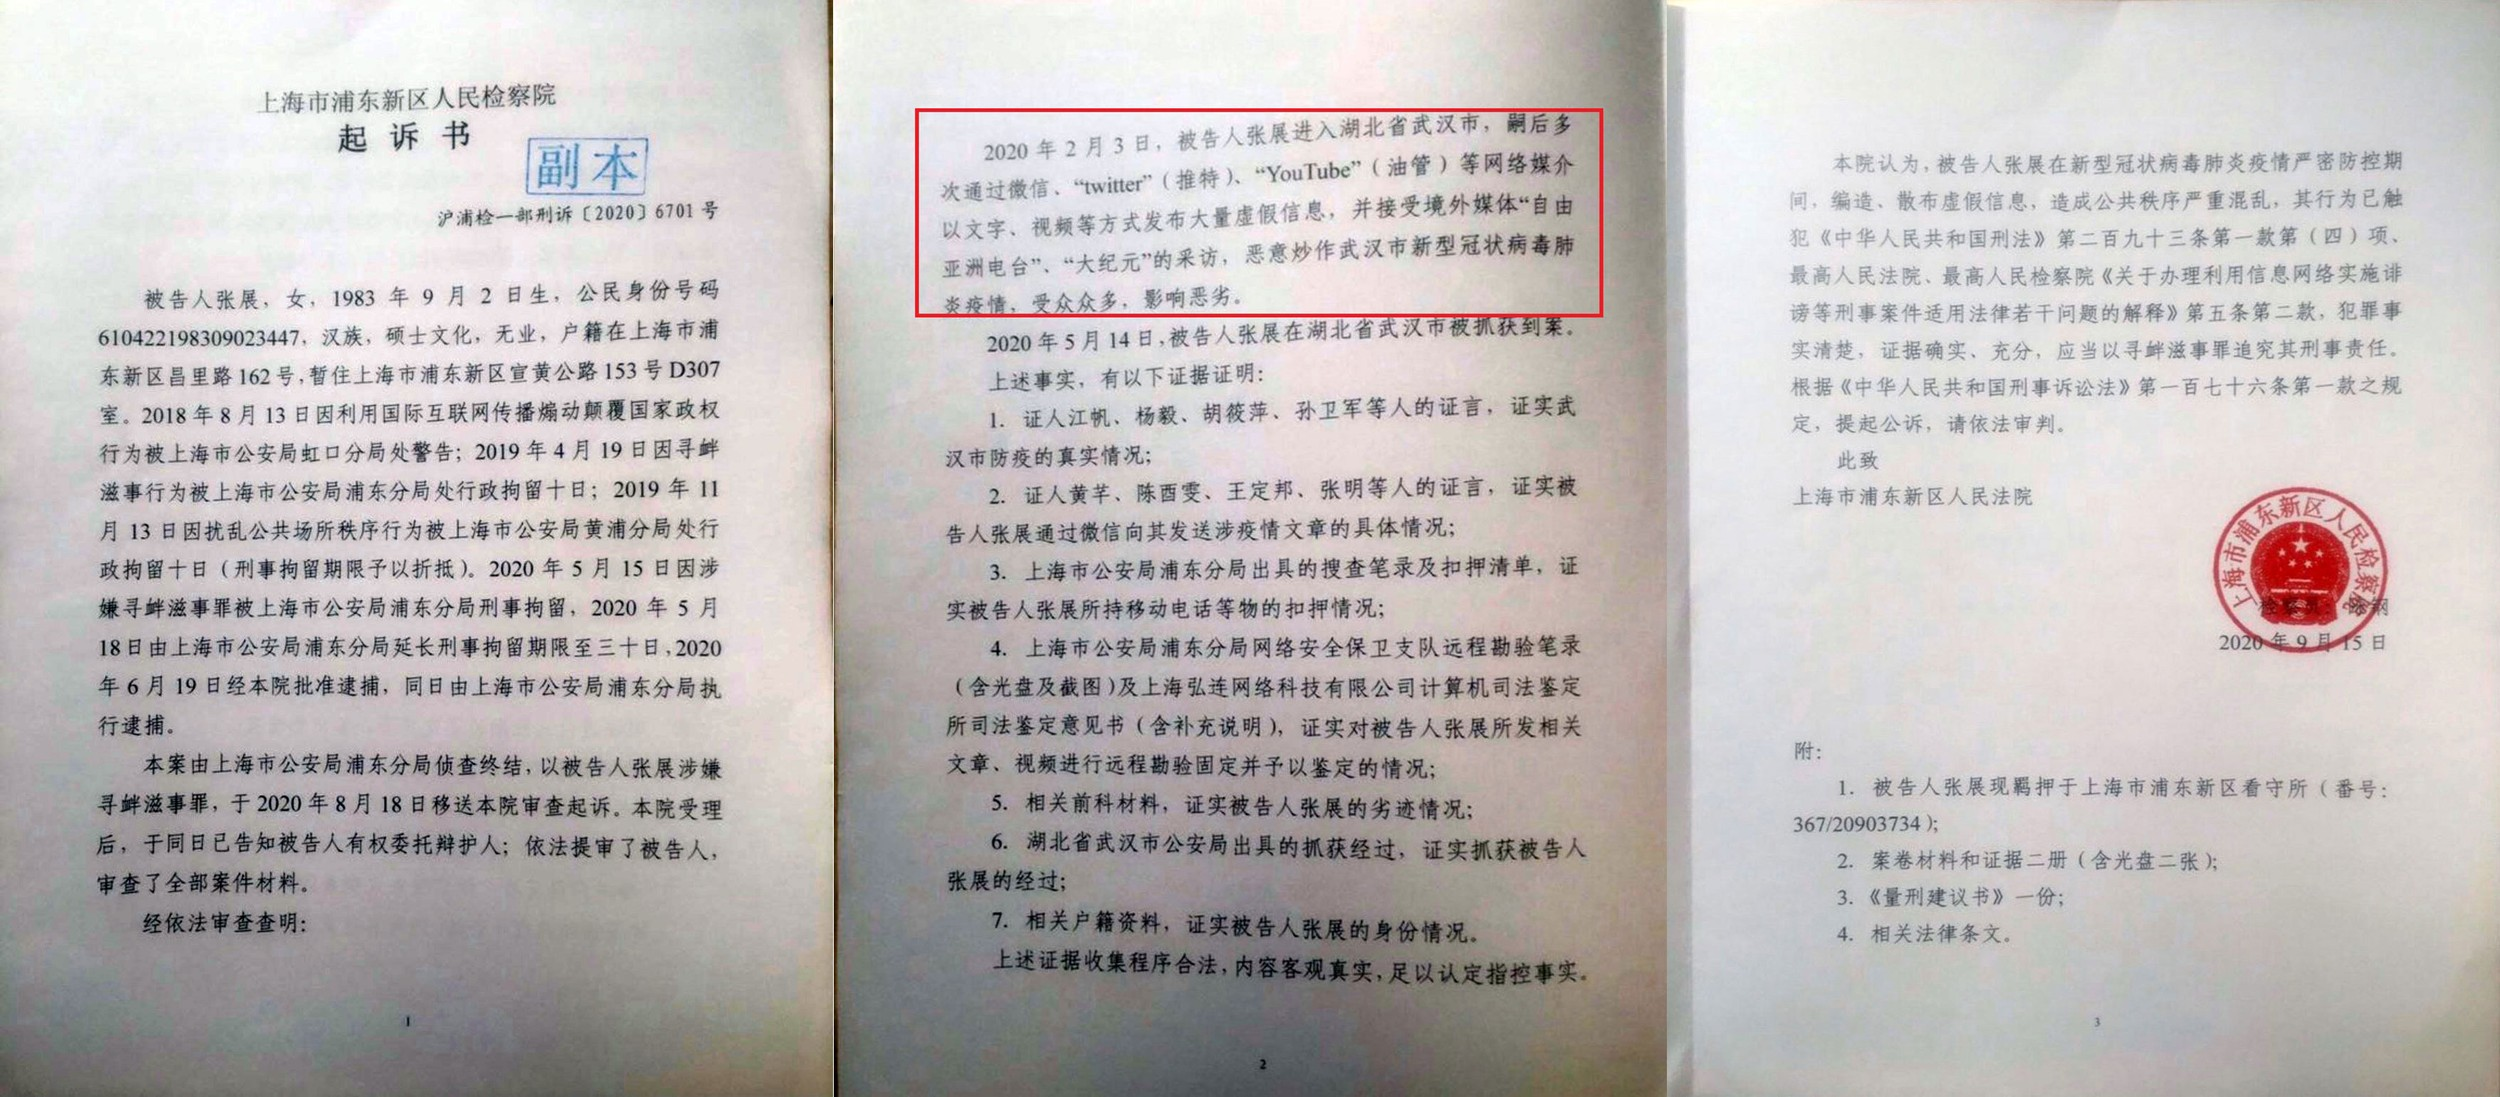 """上海市浦东新区人民检察院起诉书。起诉书指张展多次通过微信、twiter(推特)等平台,发布大量虚假信息,并接受境外媒体""""自由亚洲电台""""、""""大纪元""""的采访,恶意炒作武汉疫情,影响恶劣。(志愿者提供/记者乔龙)"""